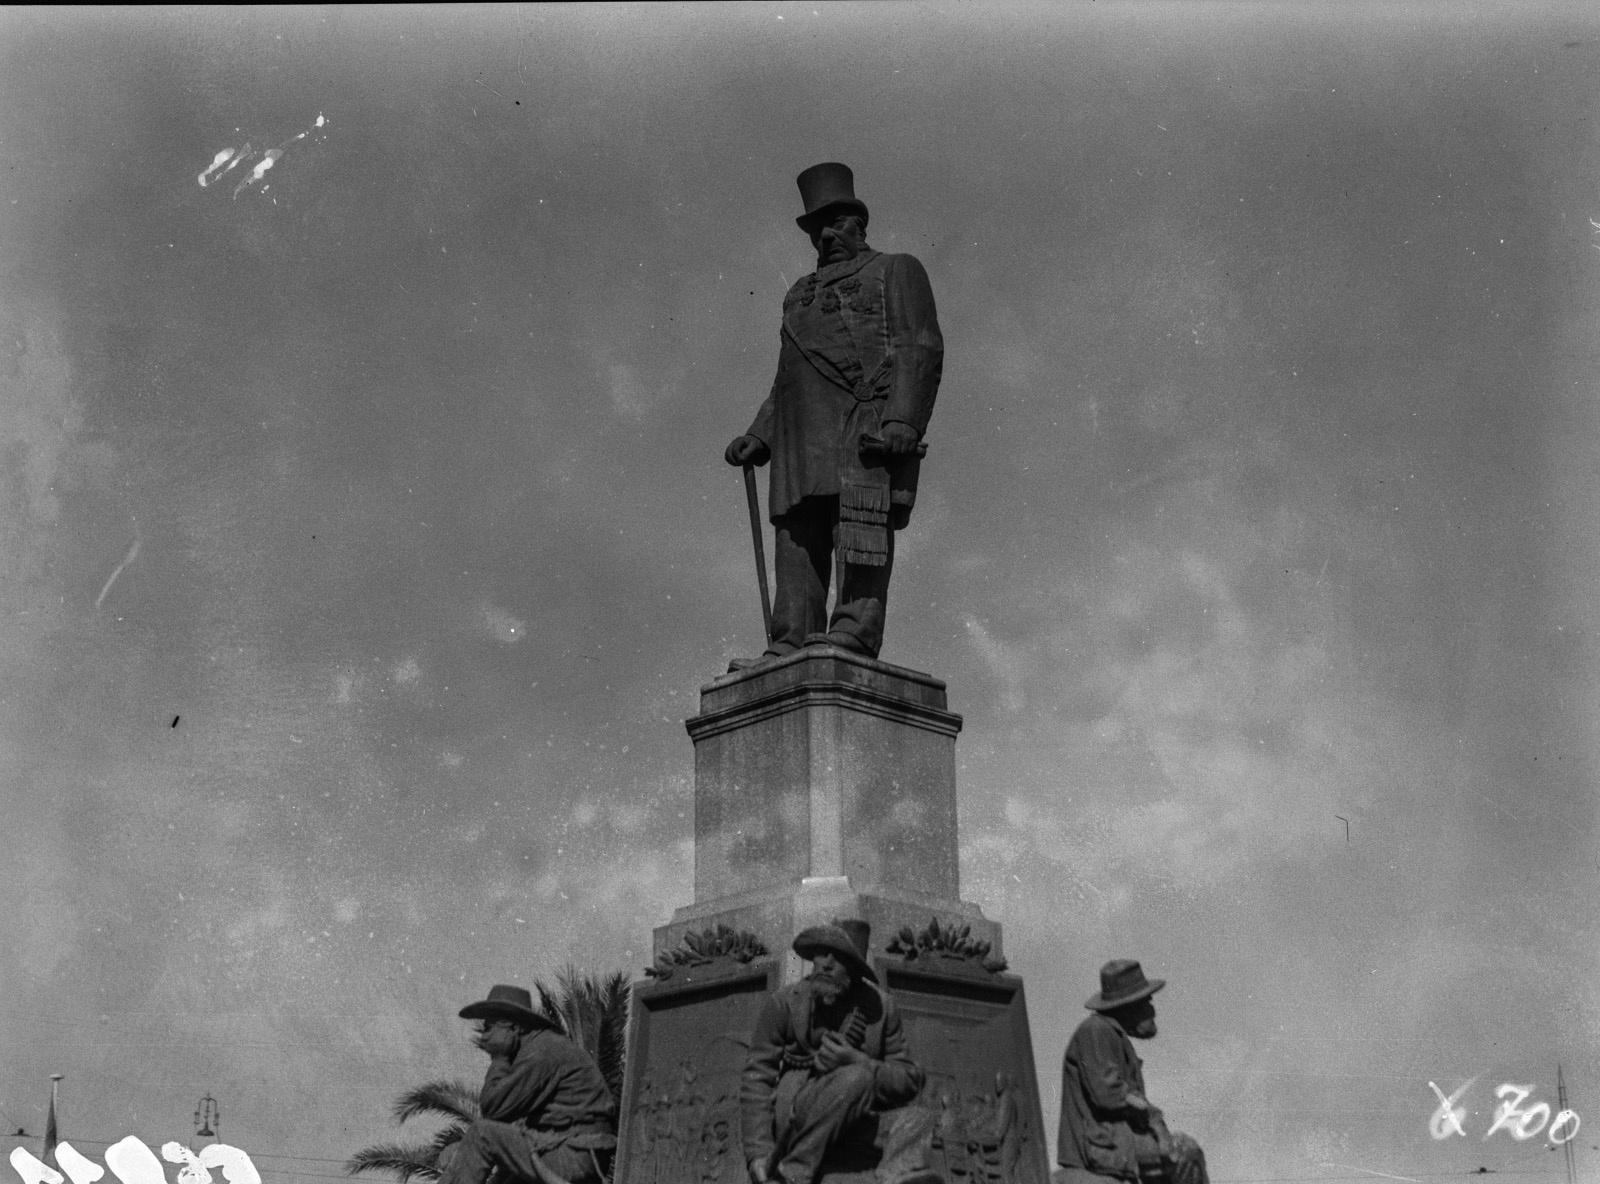 Претория. Мемориал Пауля Крюгера на церковной площади